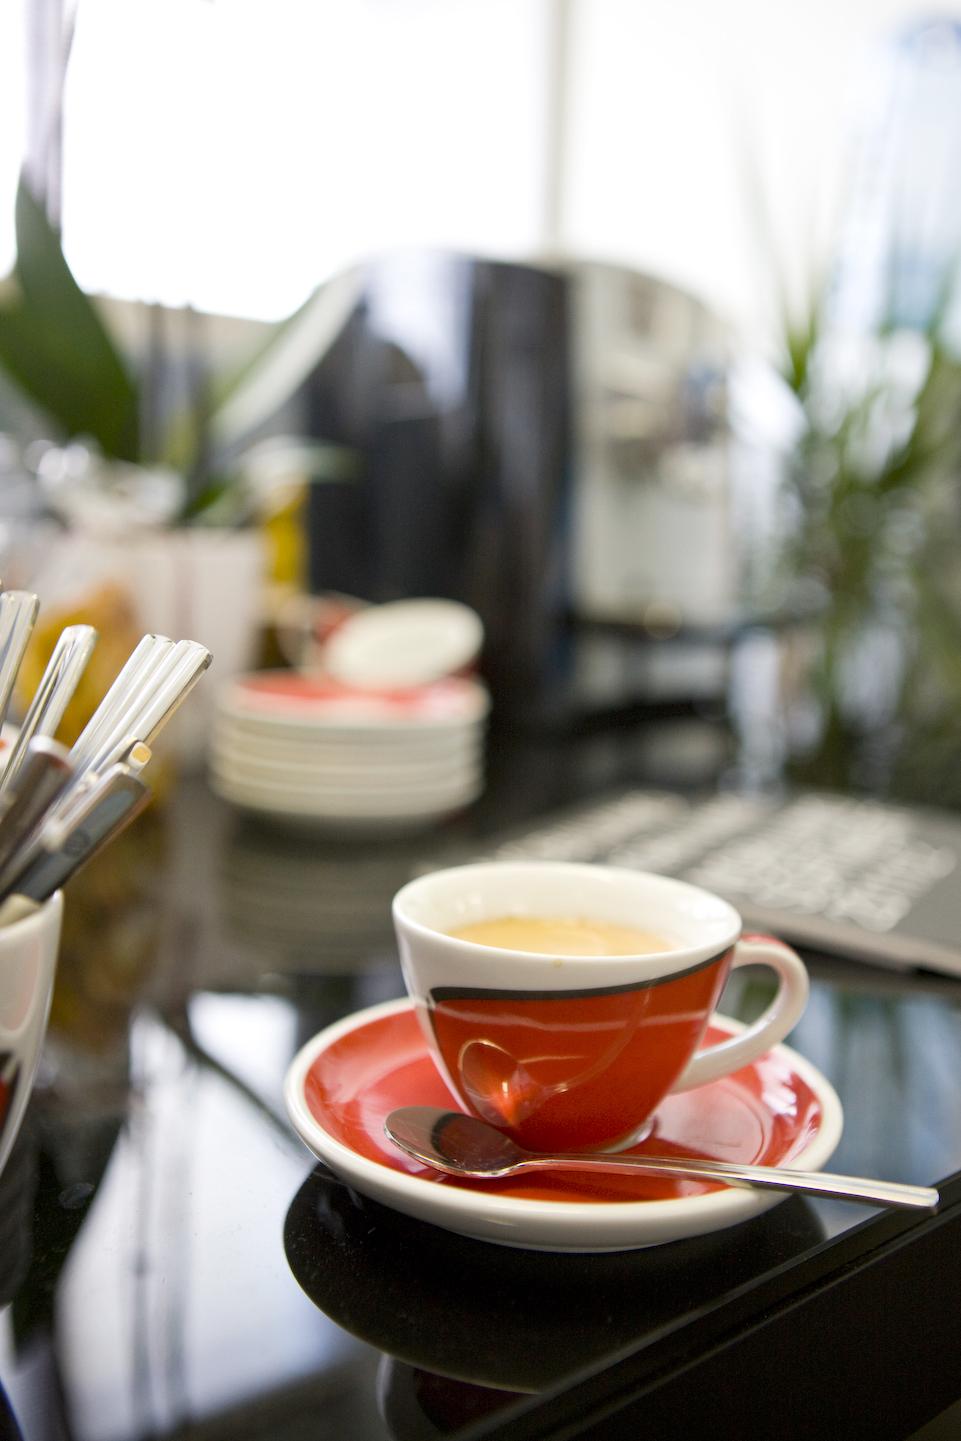 Kaffee-001